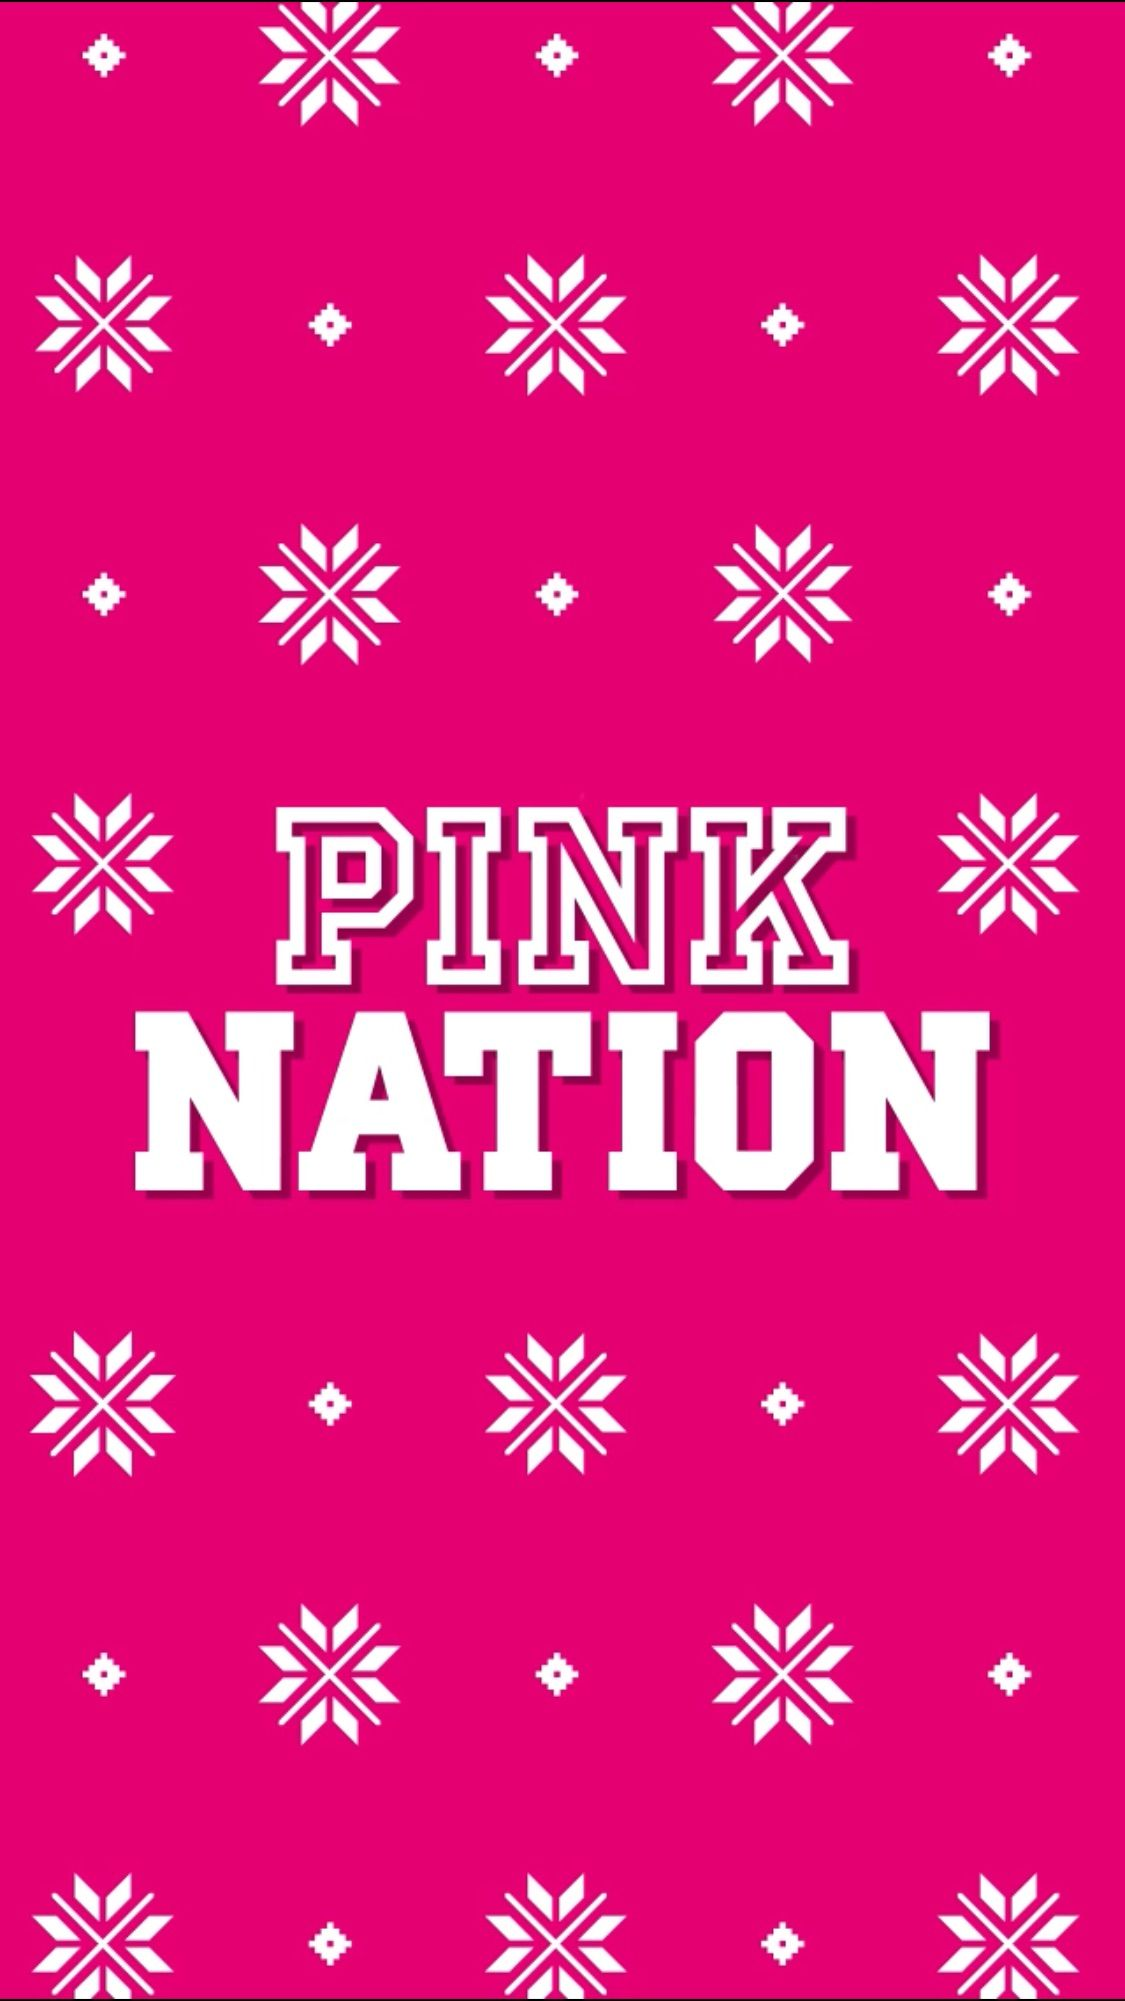 Vs Pink Nation Holiday Season 2017 Wallpaper